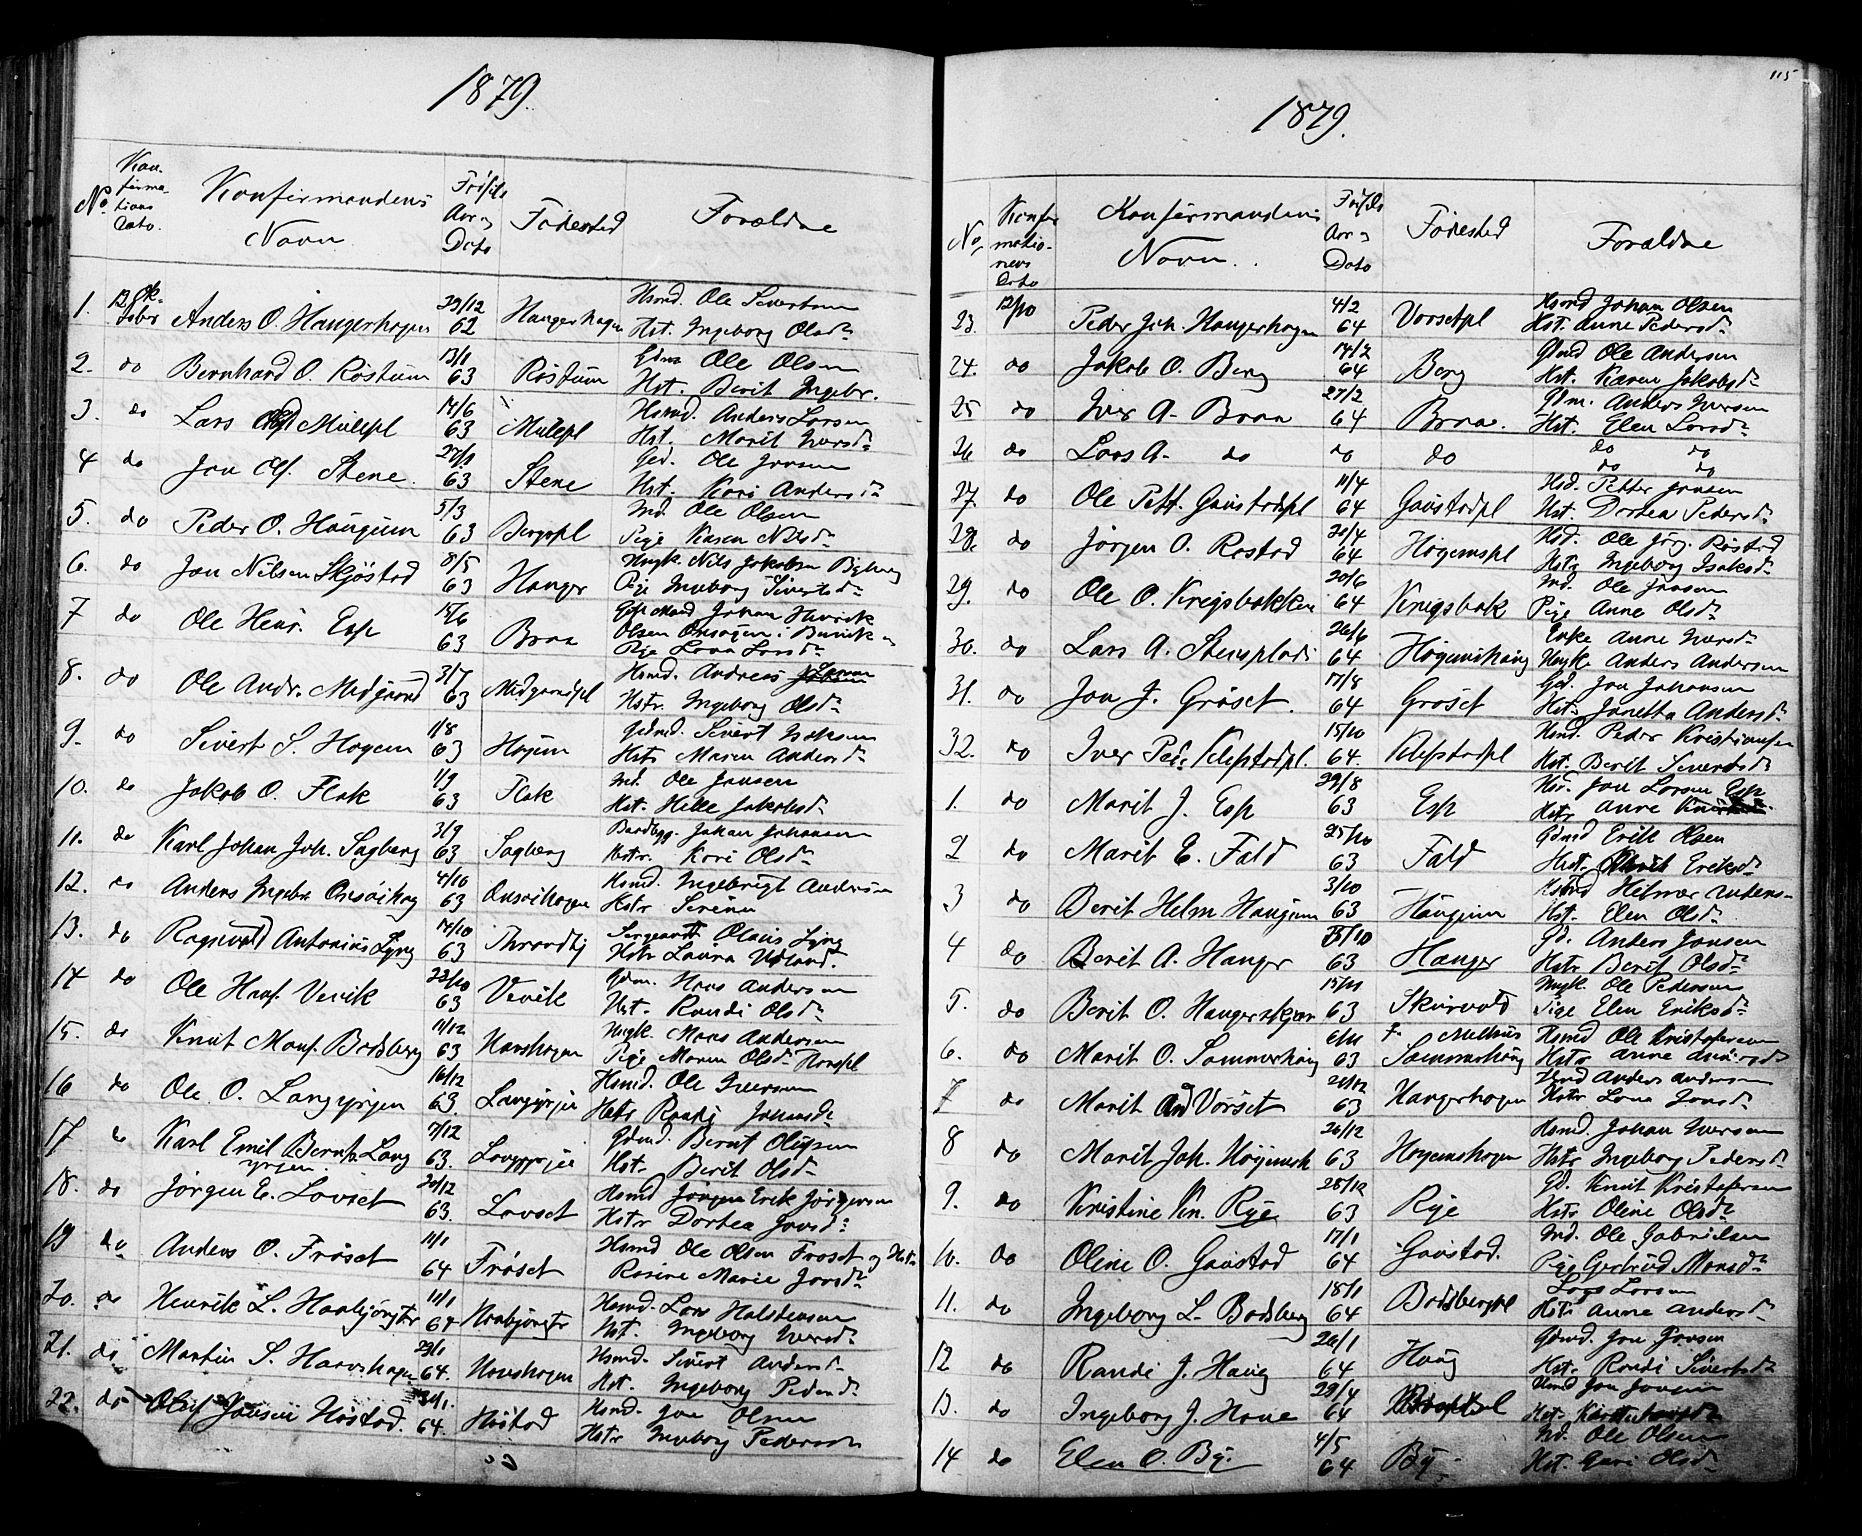 SAT, Ministerialprotokoller, klokkerbøker og fødselsregistre - Sør-Trøndelag, 612/L0387: Klokkerbok nr. 612C03, 1874-1908, s. 115